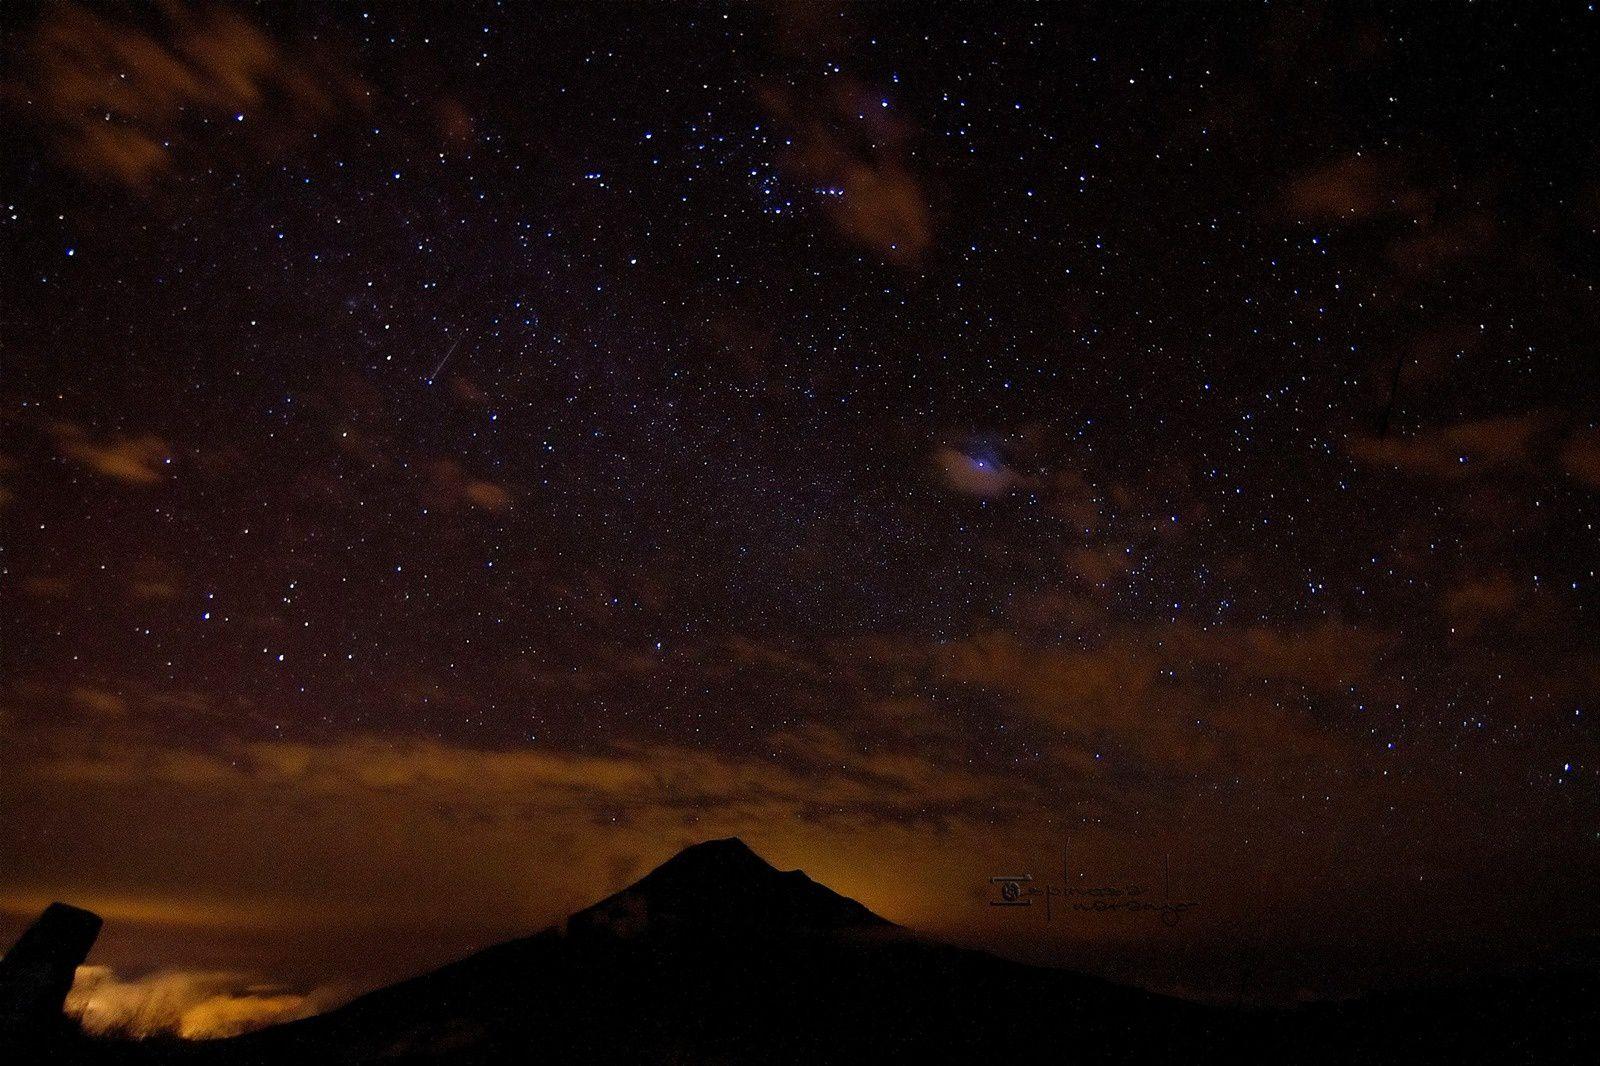 Une belle vue du Tungurahua sous les étoiles - photo José Luis Espinosa Naranjo